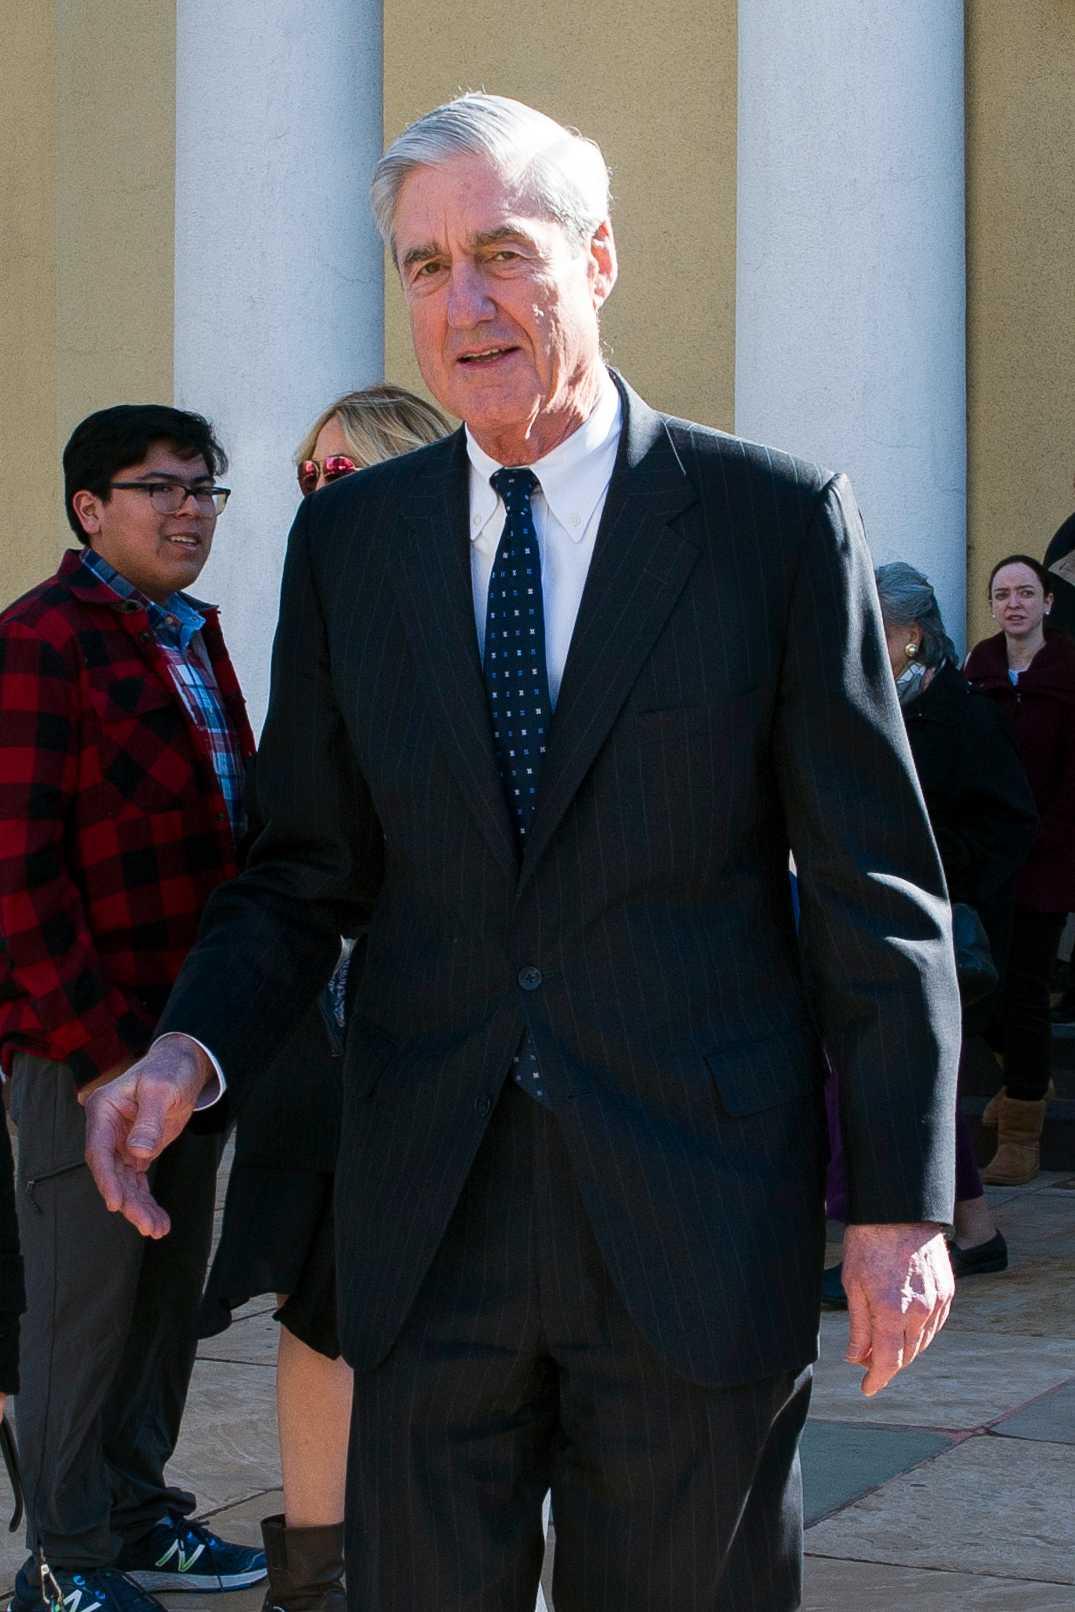 Robert Mueller har som särskild åklagare utrett Rysslands påverkan på valrörelsen 2016 och eventuell samverkan mellan president Donald Trumps kampanj och Moskva.